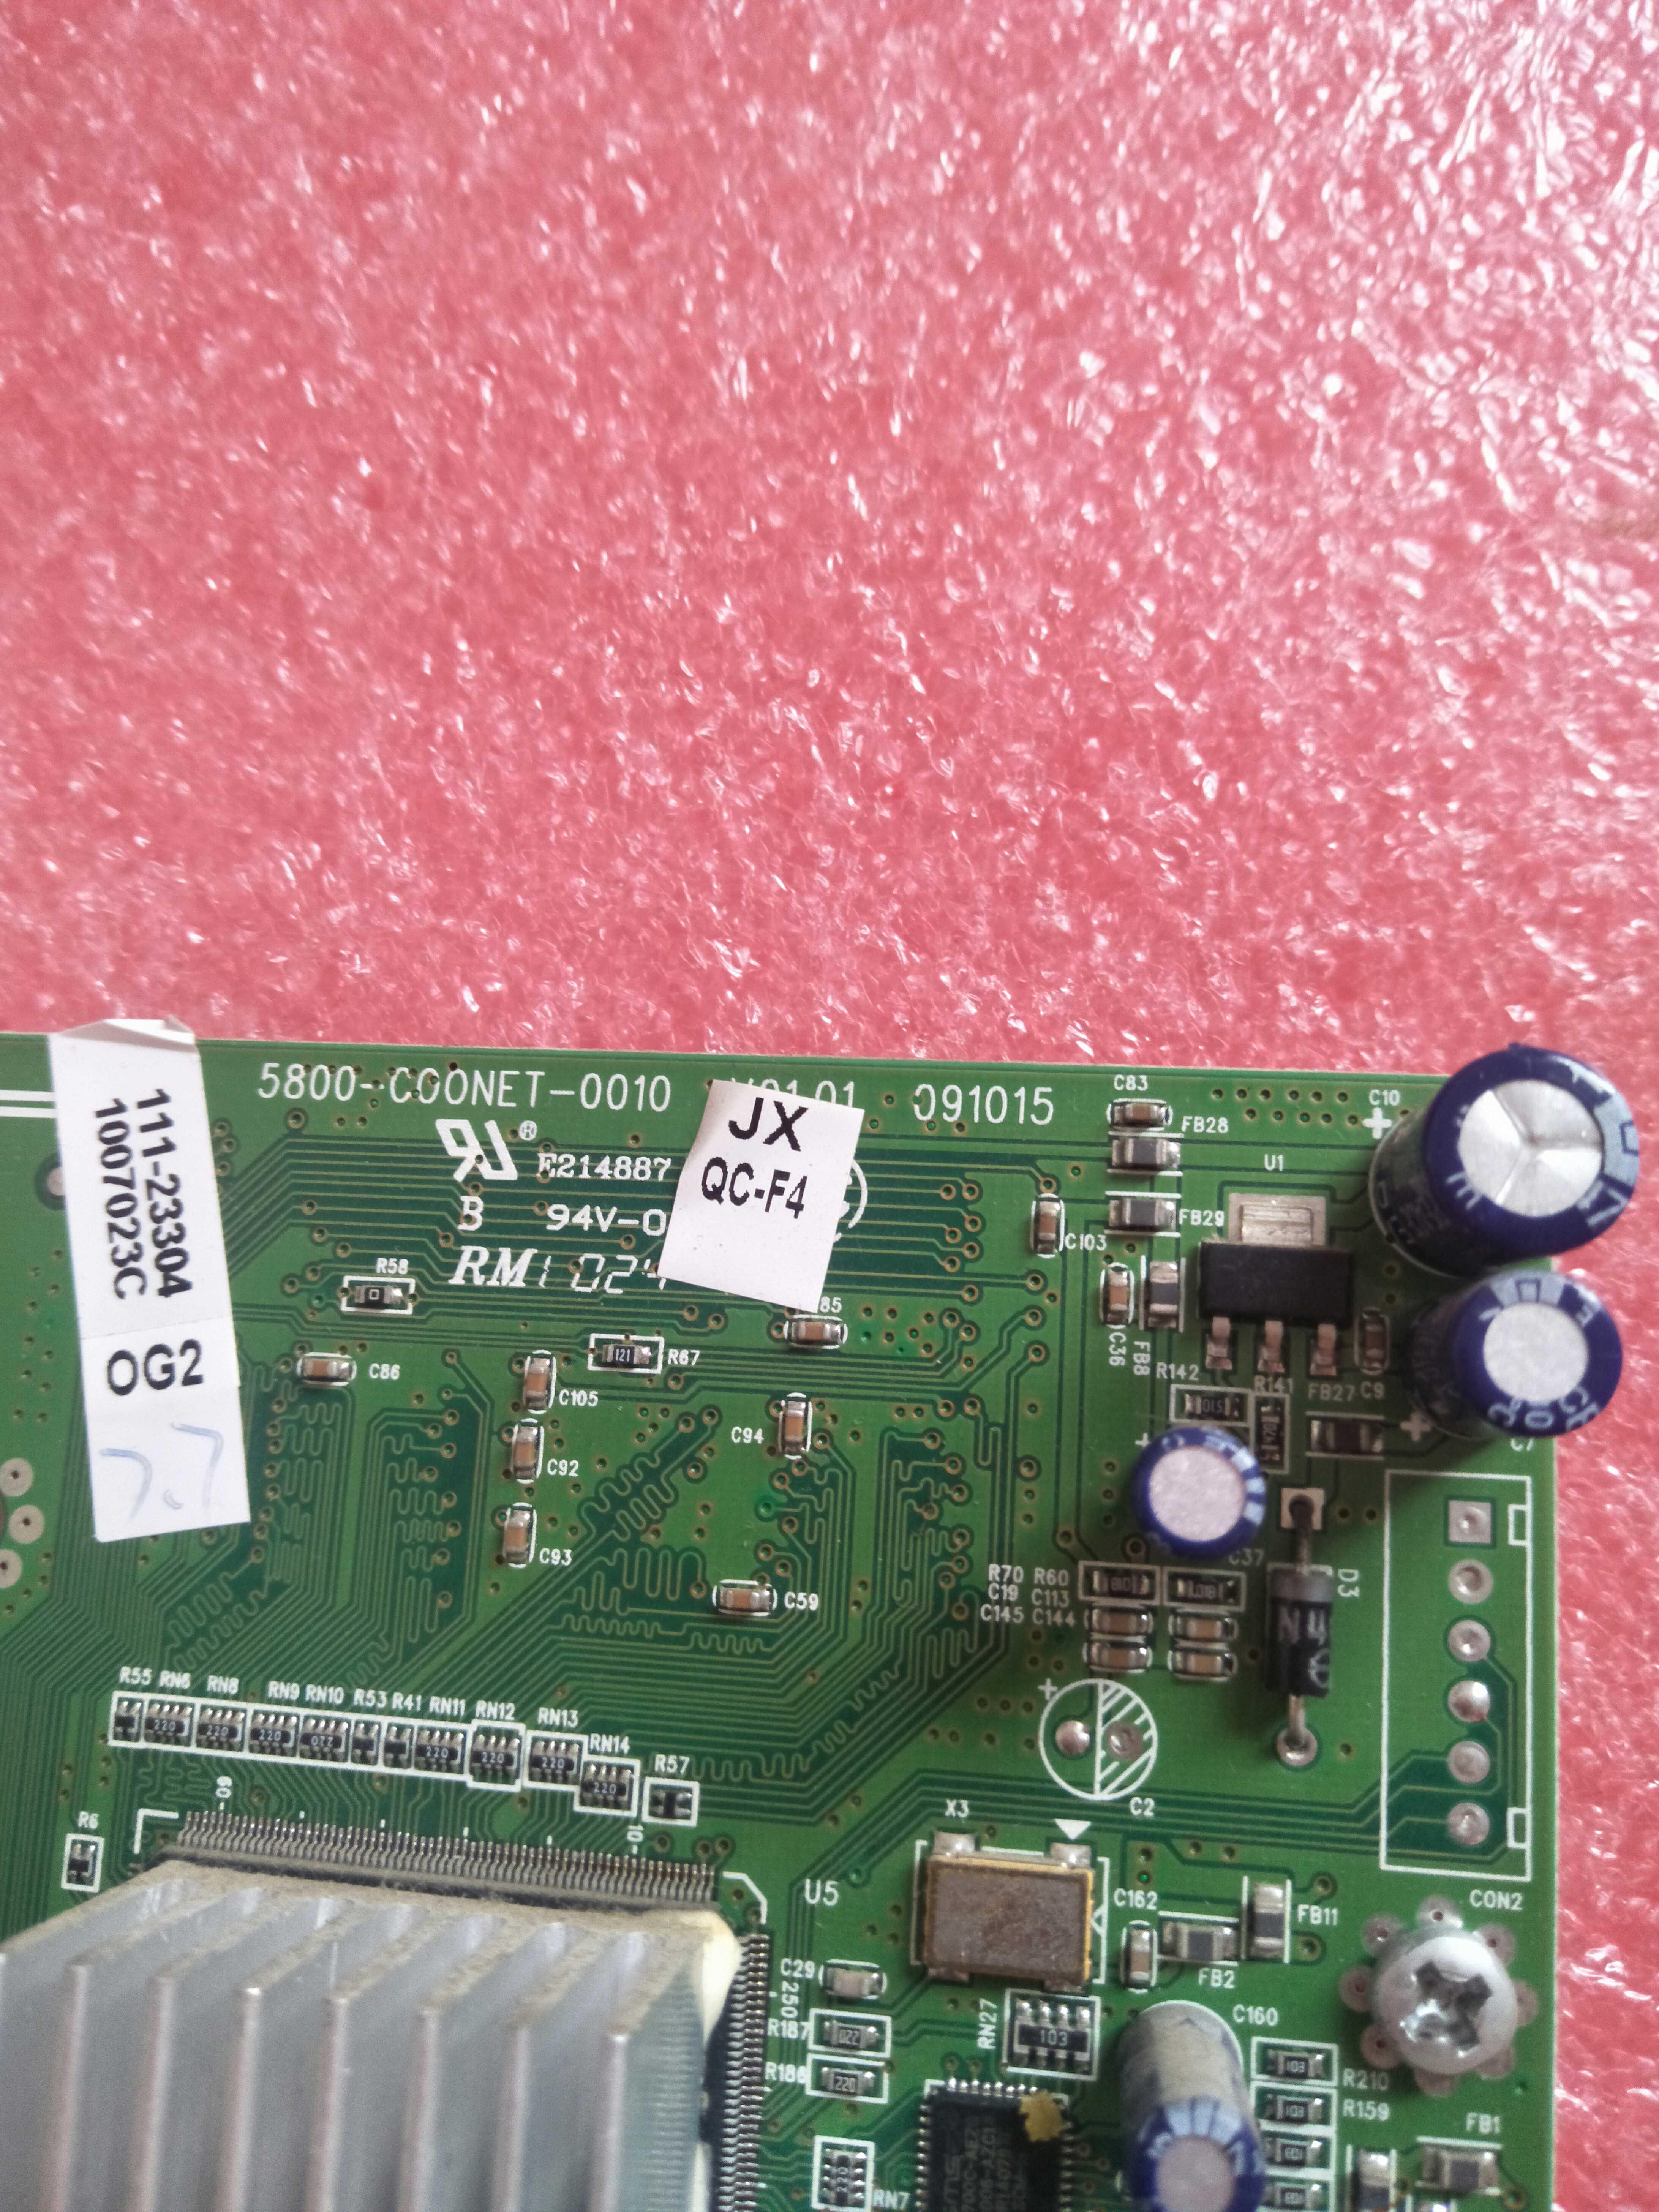 原装创维47K05HR 液晶电视 网络板:5800-C00NET-0010 V01.01